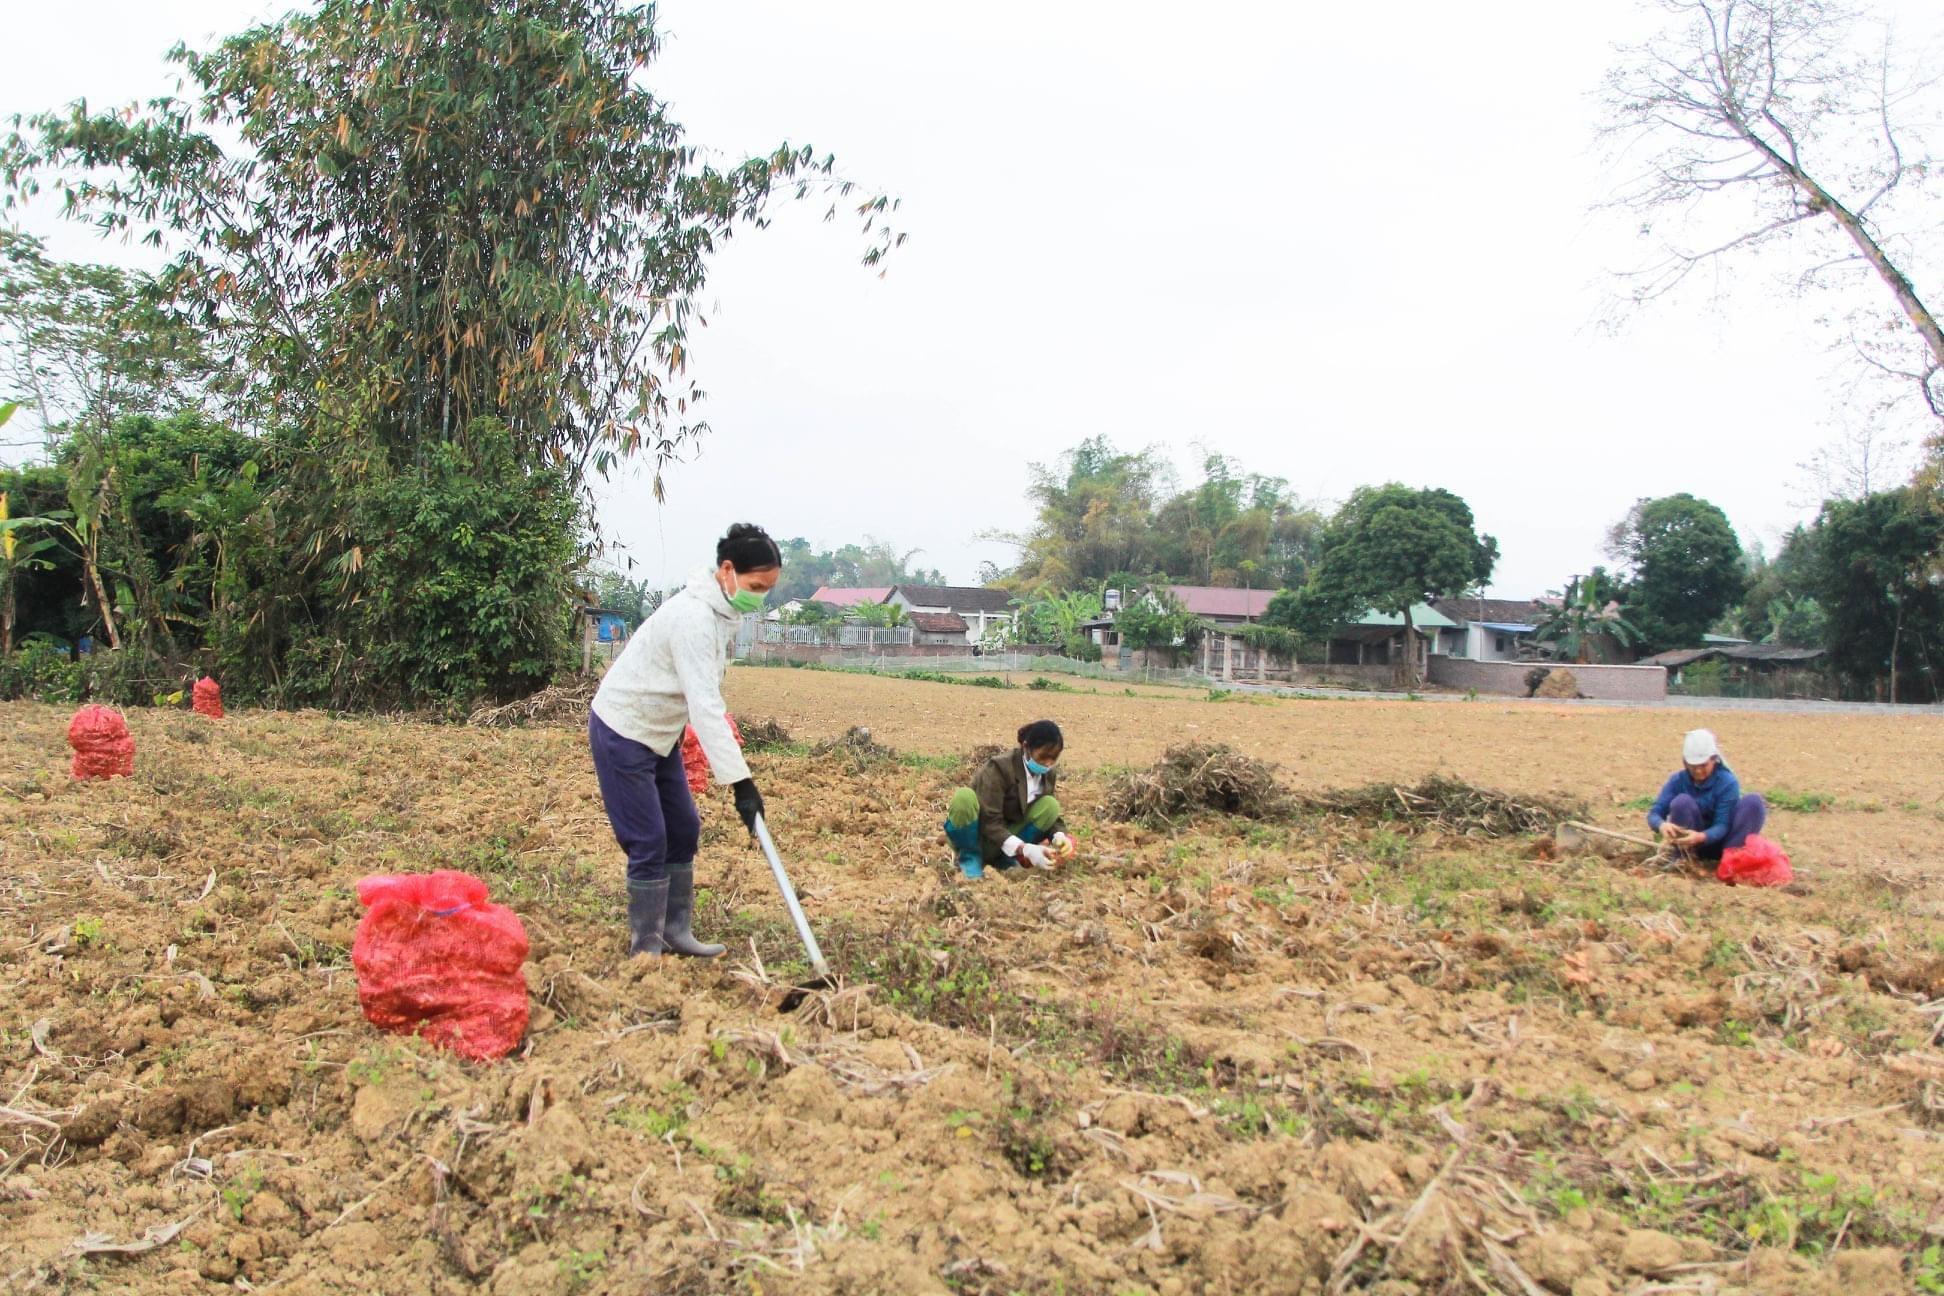 Cao Bằng: Thành phố  - Trên 6 tỷ đồng thực hiện các dự án, mô hình phát triển kinh tế